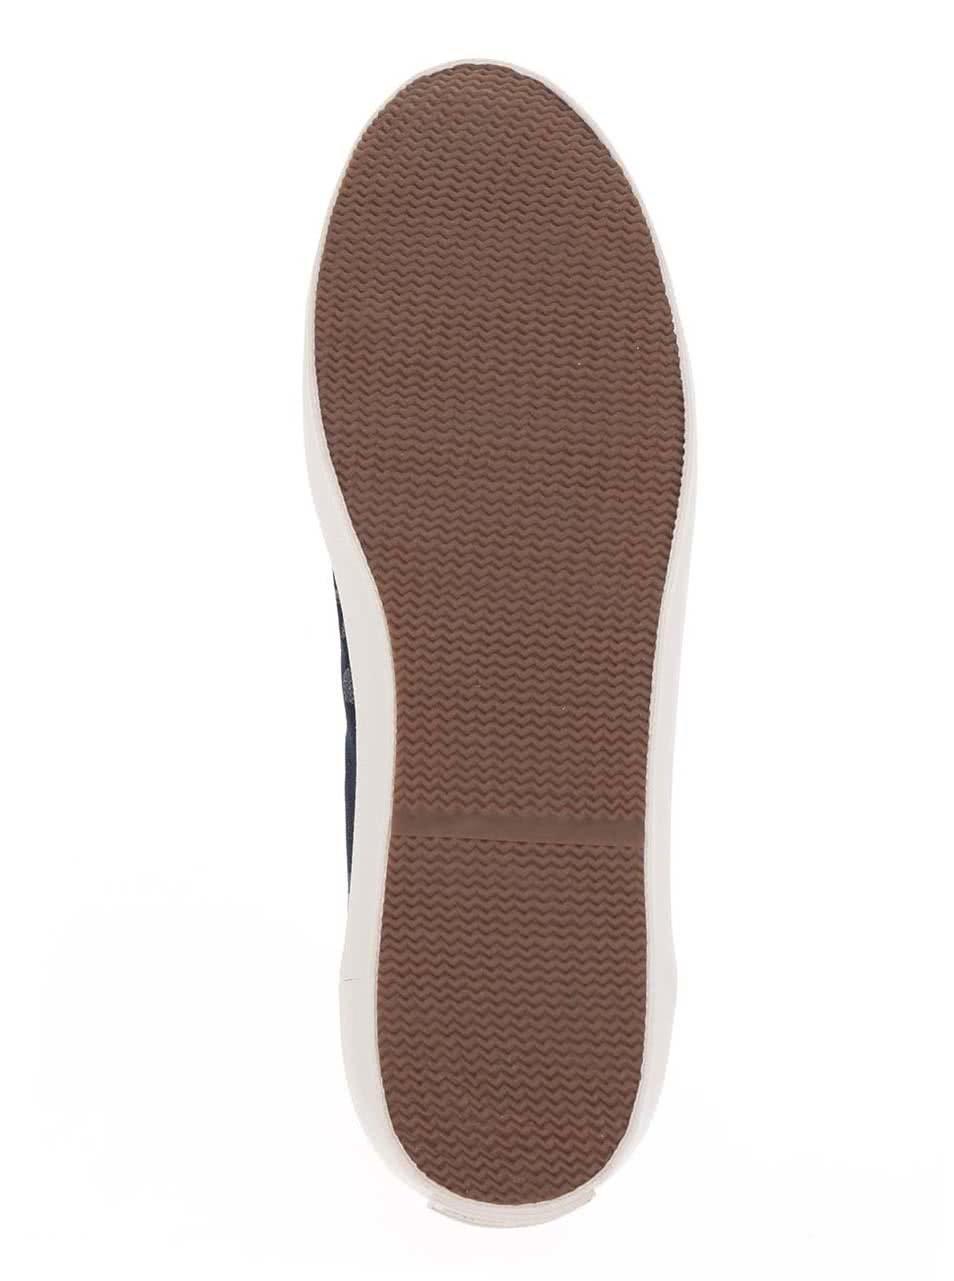 Modré pánske maskáčové tenisky s gumovou špičkou Pepe Jeans Tokio Camu ... 05826563bed